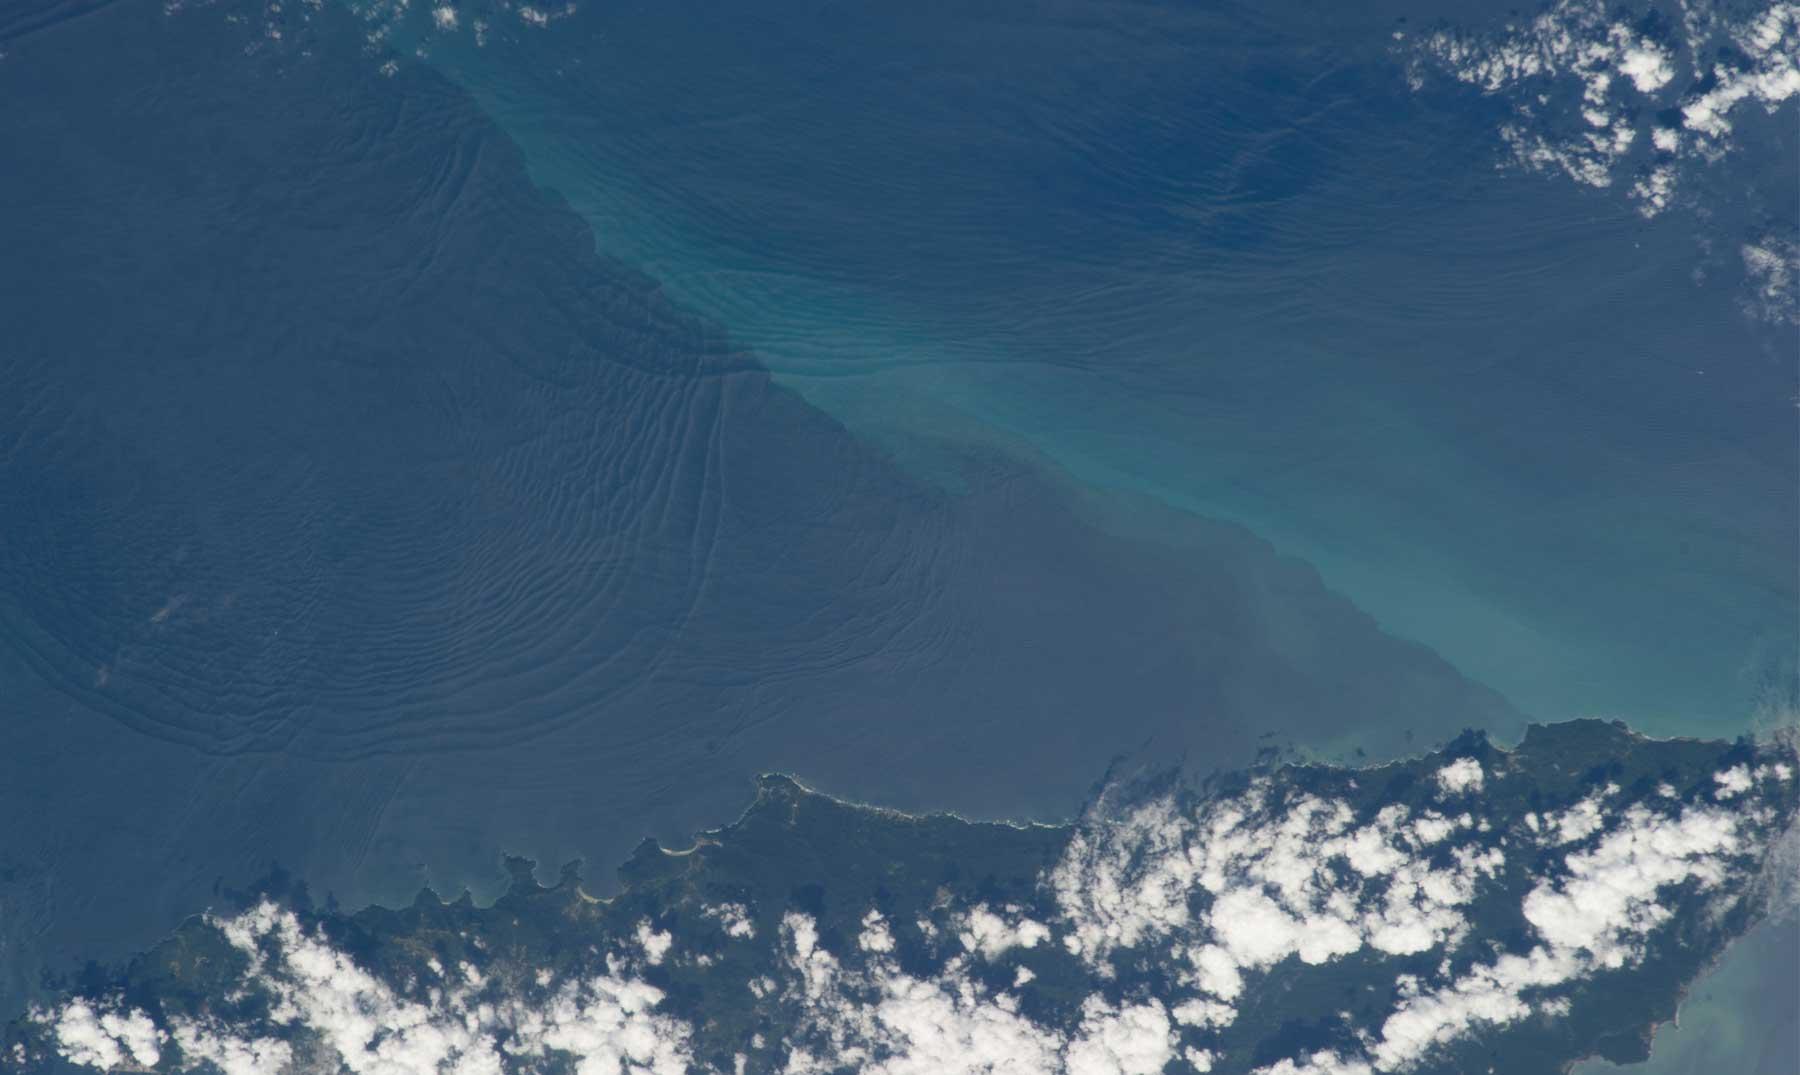 Las increíbles olas internas del océano